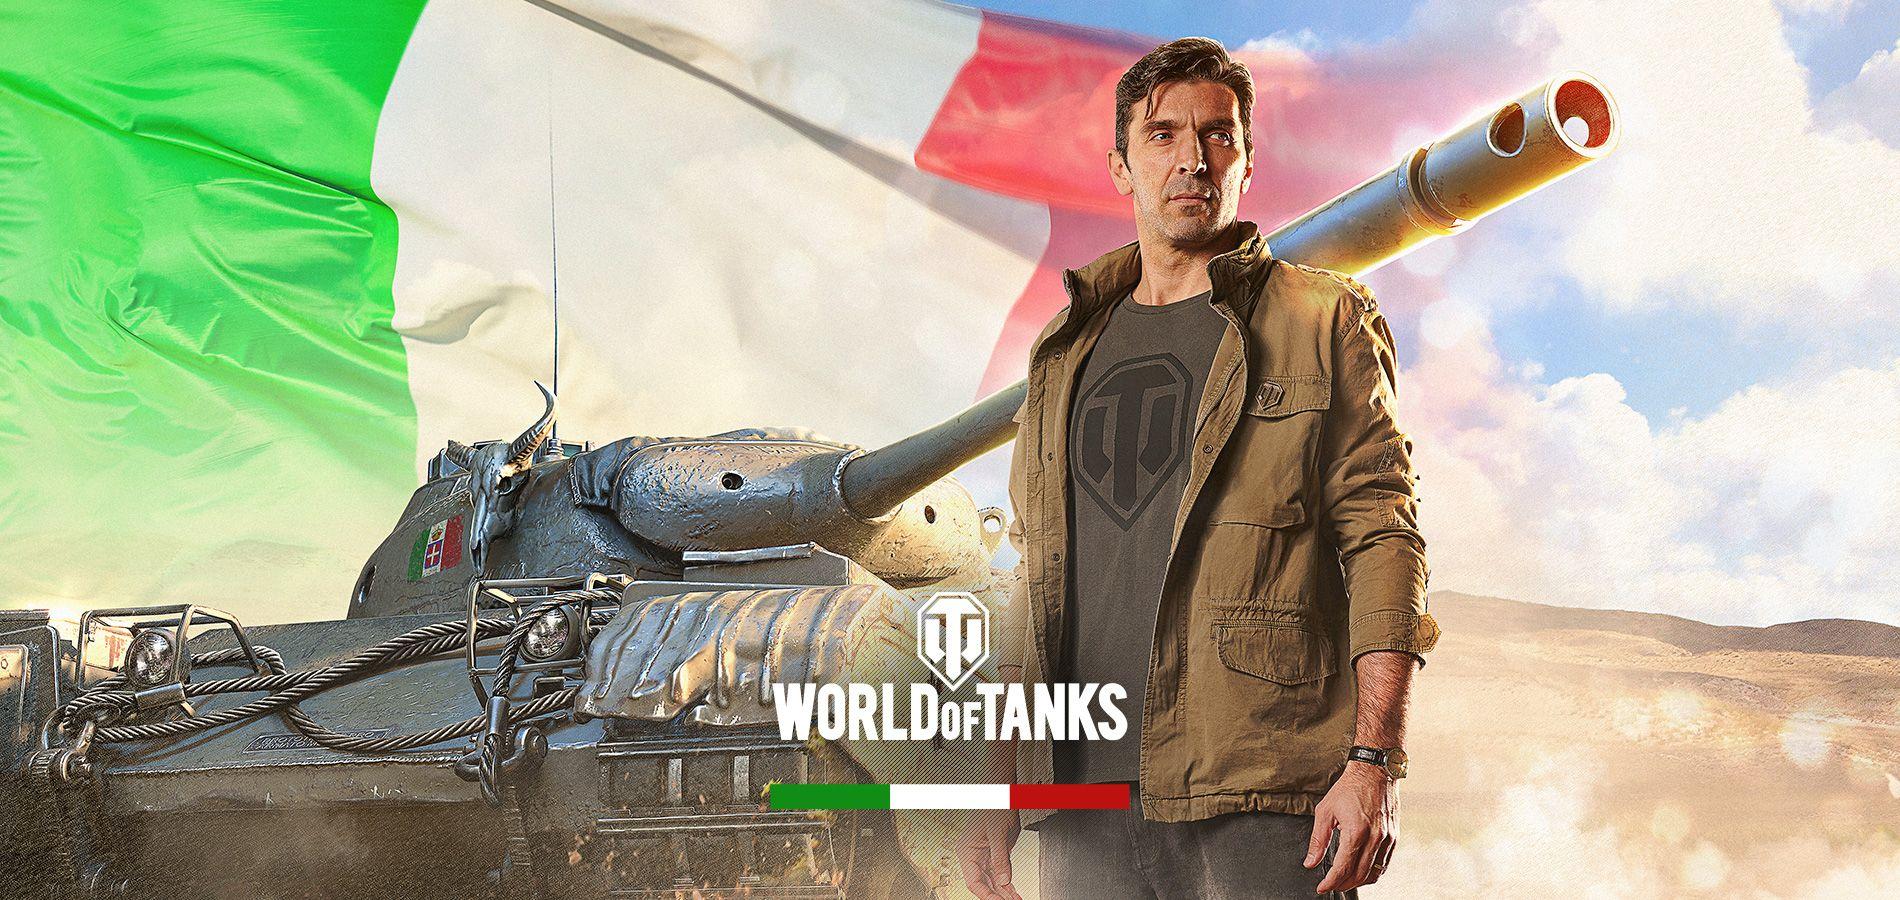 Legendärer Torwart Buffon fährt italienische Panzer in World of Tanks!